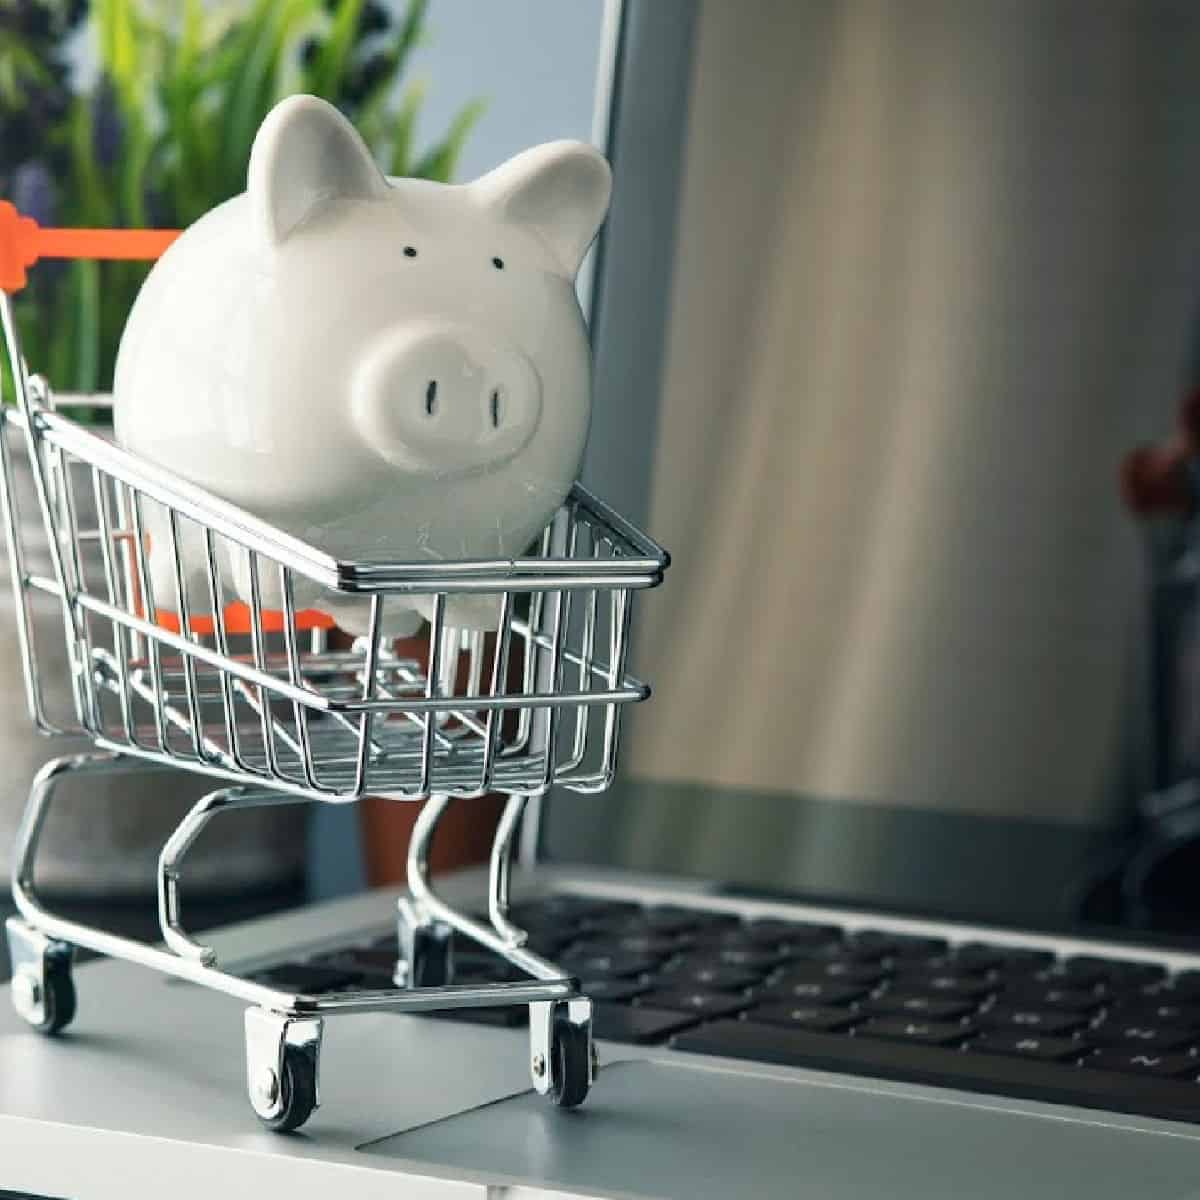 piggy bank in shopping cart